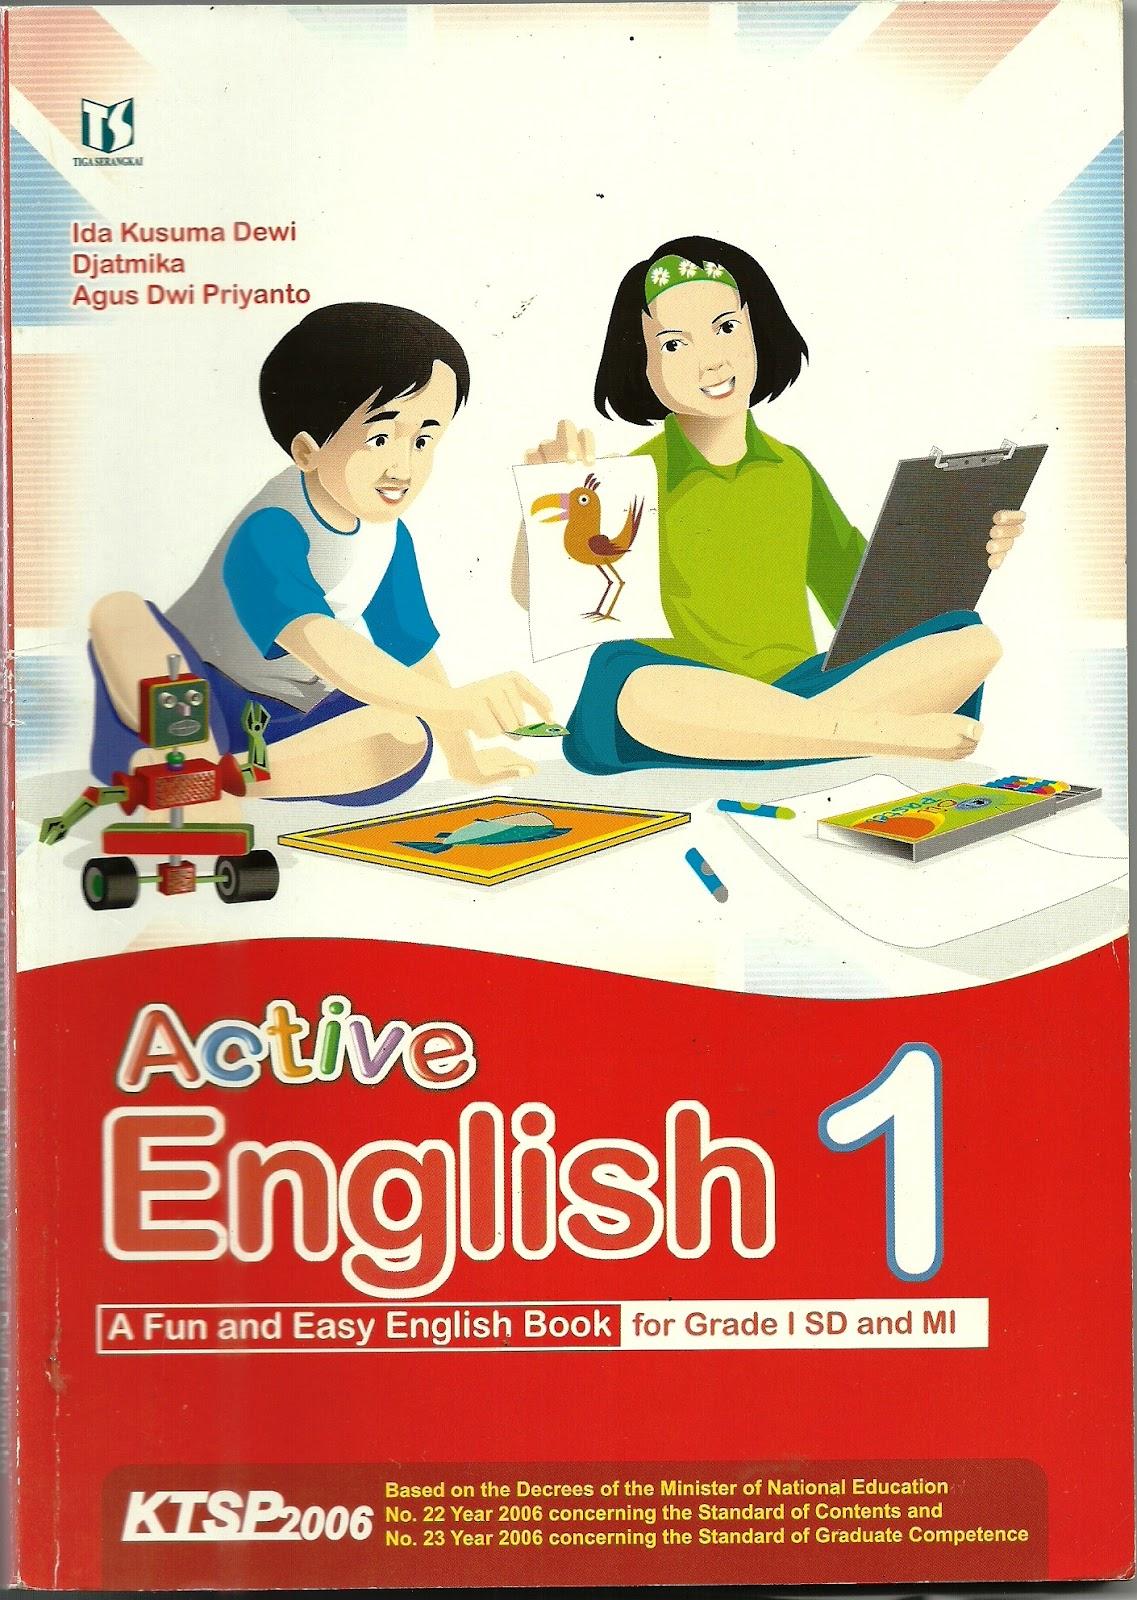 Bahasa Inggris Di Sd Miskin Buku Referensi